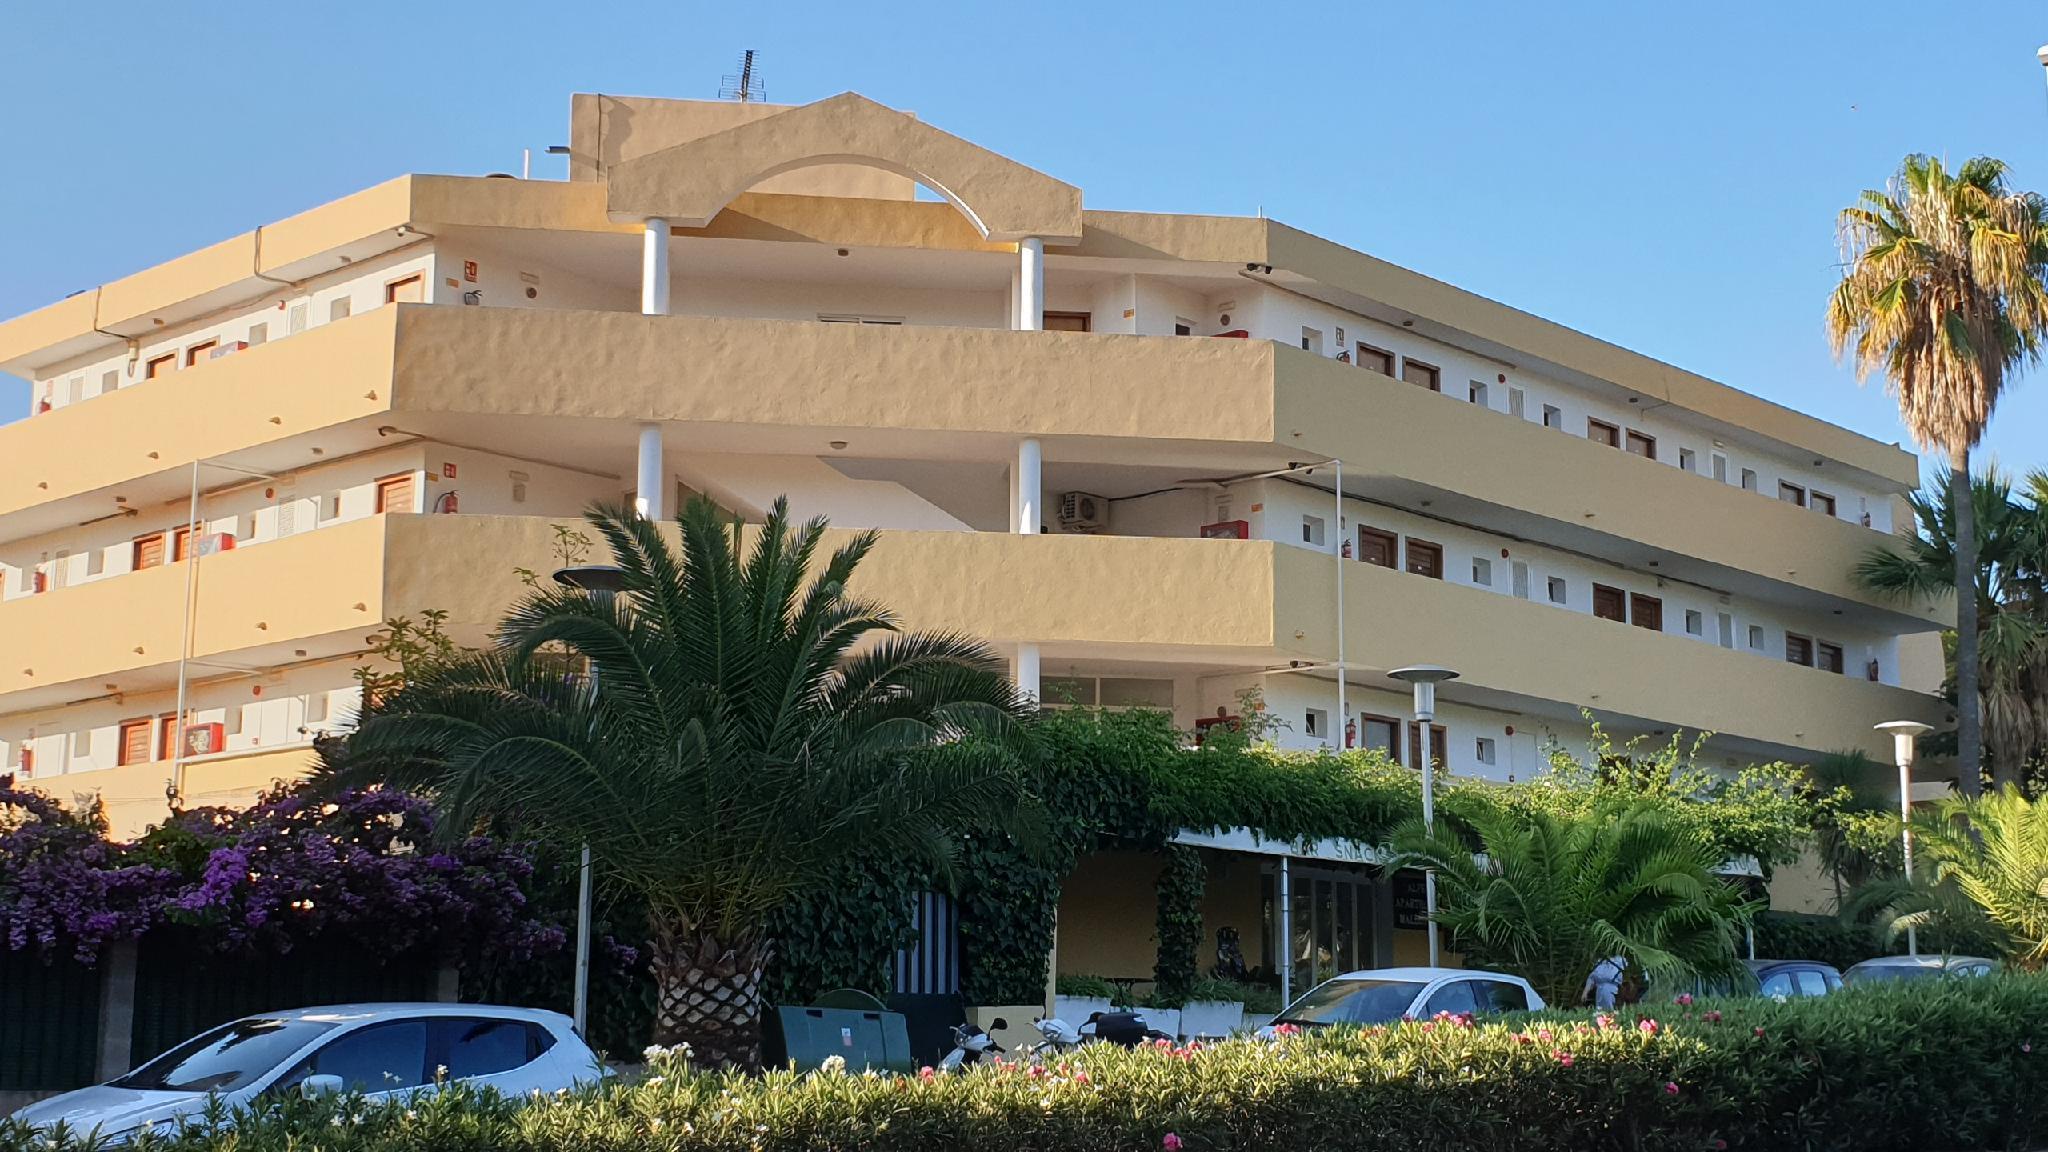 Los apartamentos del complejo,ideal para viajeros